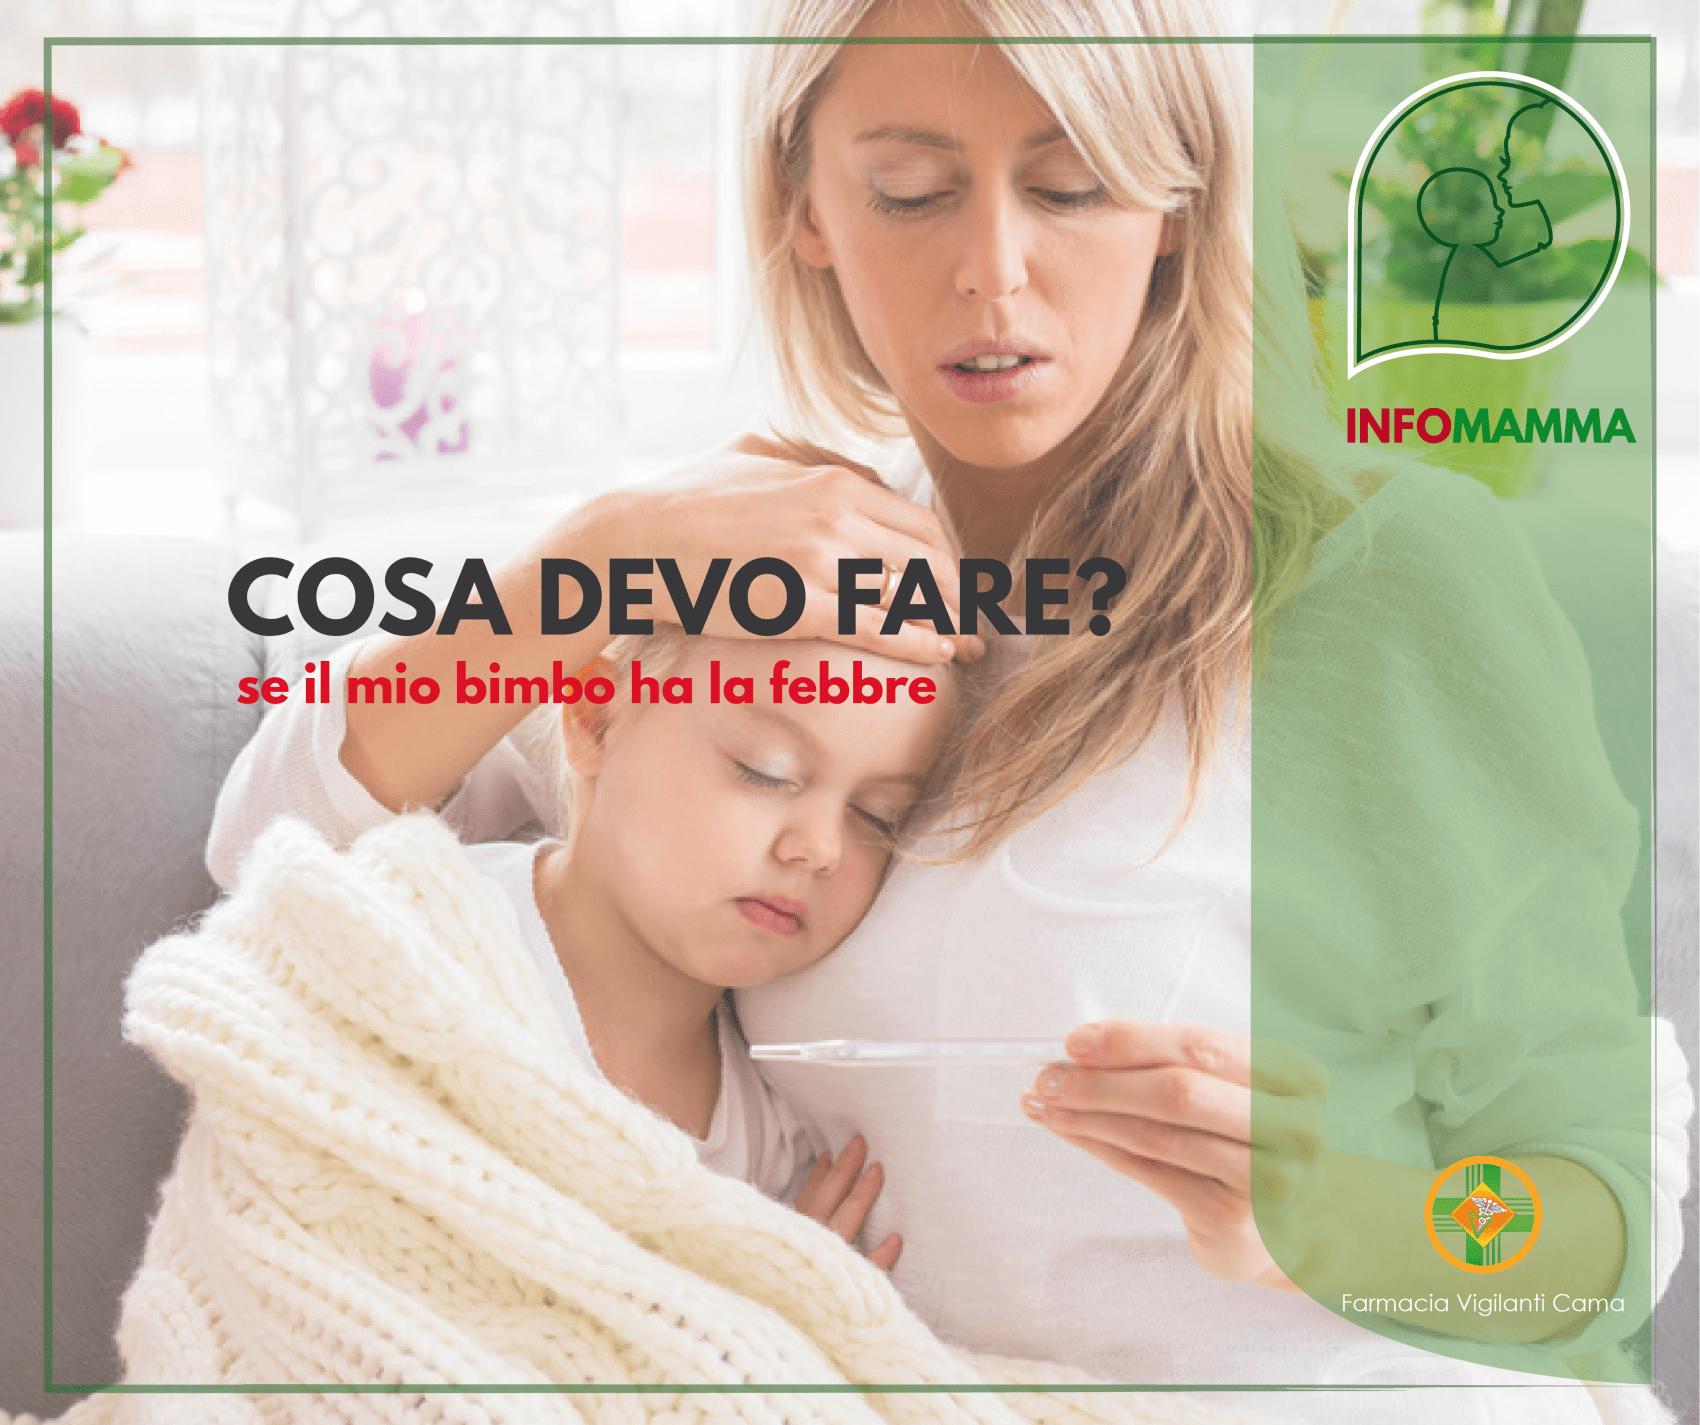 FEBBRE – Cosa fare se il mio bimbo ha la febbre